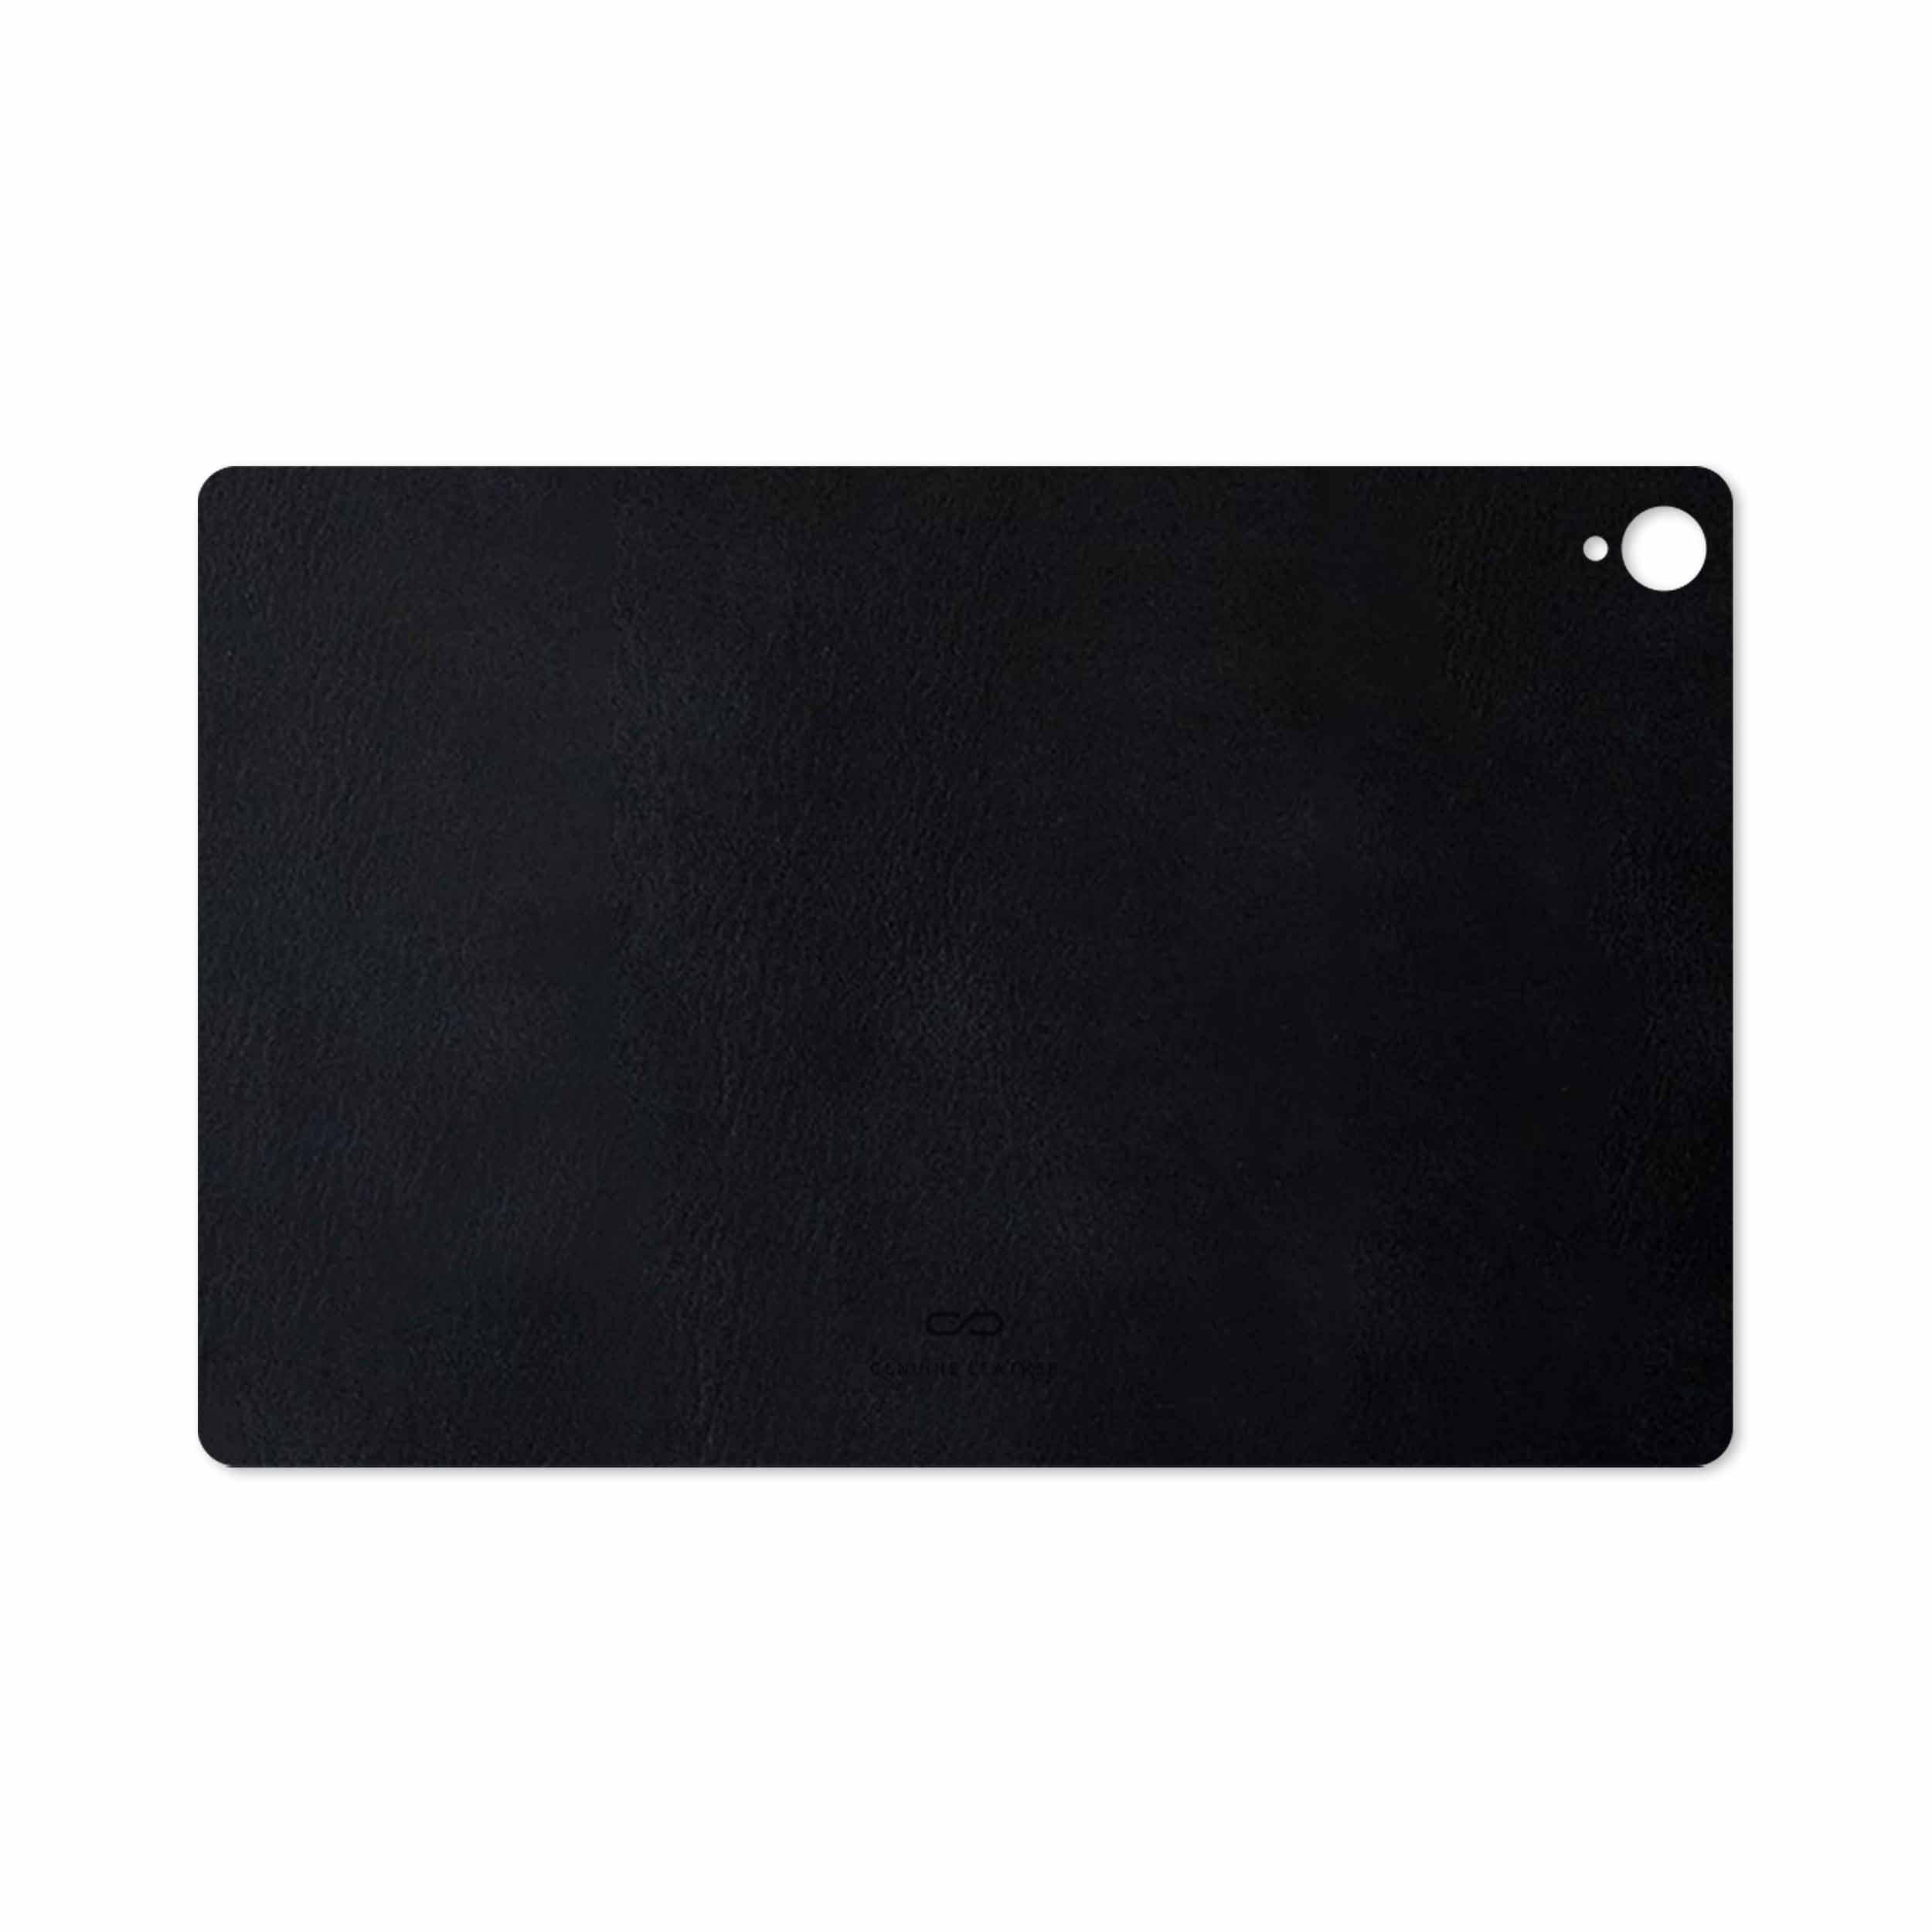 بررسی و خرید [با تخفیف]                                     برچسب پوششی ماهوت مدل Graphite Buffalo Leather مناسب برای تبلت هوآوی Mediapad M6 10.8 2019                             اورجینال